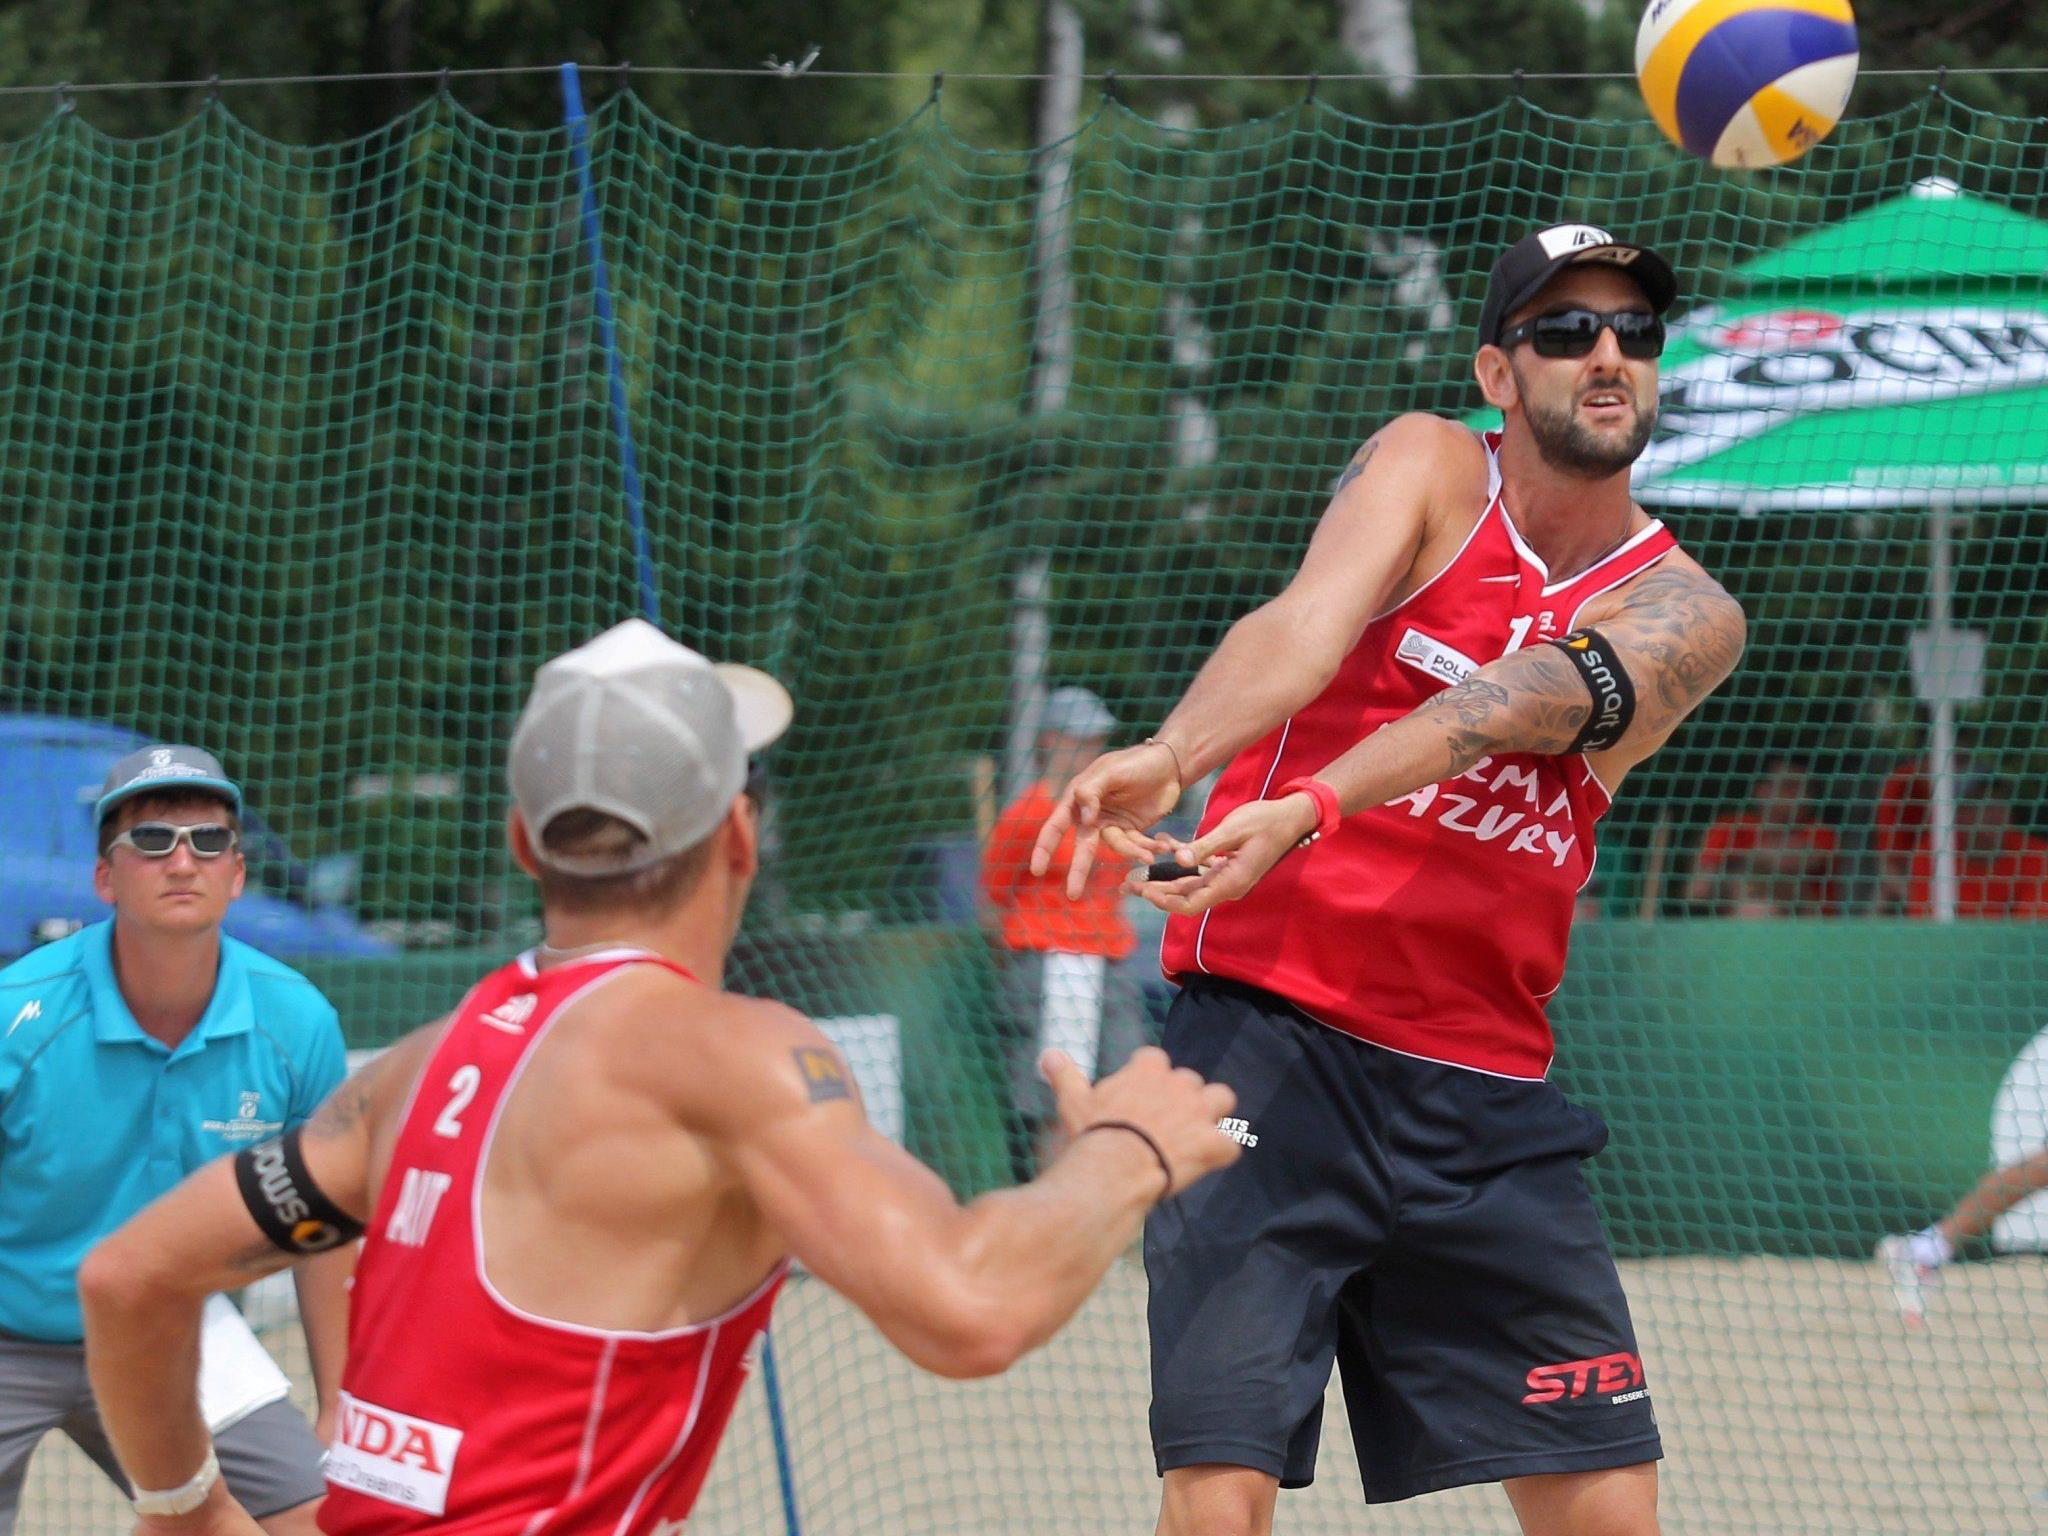 e Österreicher Alexander Horst (l.) und Clemens Doppler am Mittwoch, 31. Juli 2013, während des Gruppe M-Spiels gegen Ingrosso/Cecchini (ITA) im Rahmen der Beach-Volleyball EM in Klagenfur